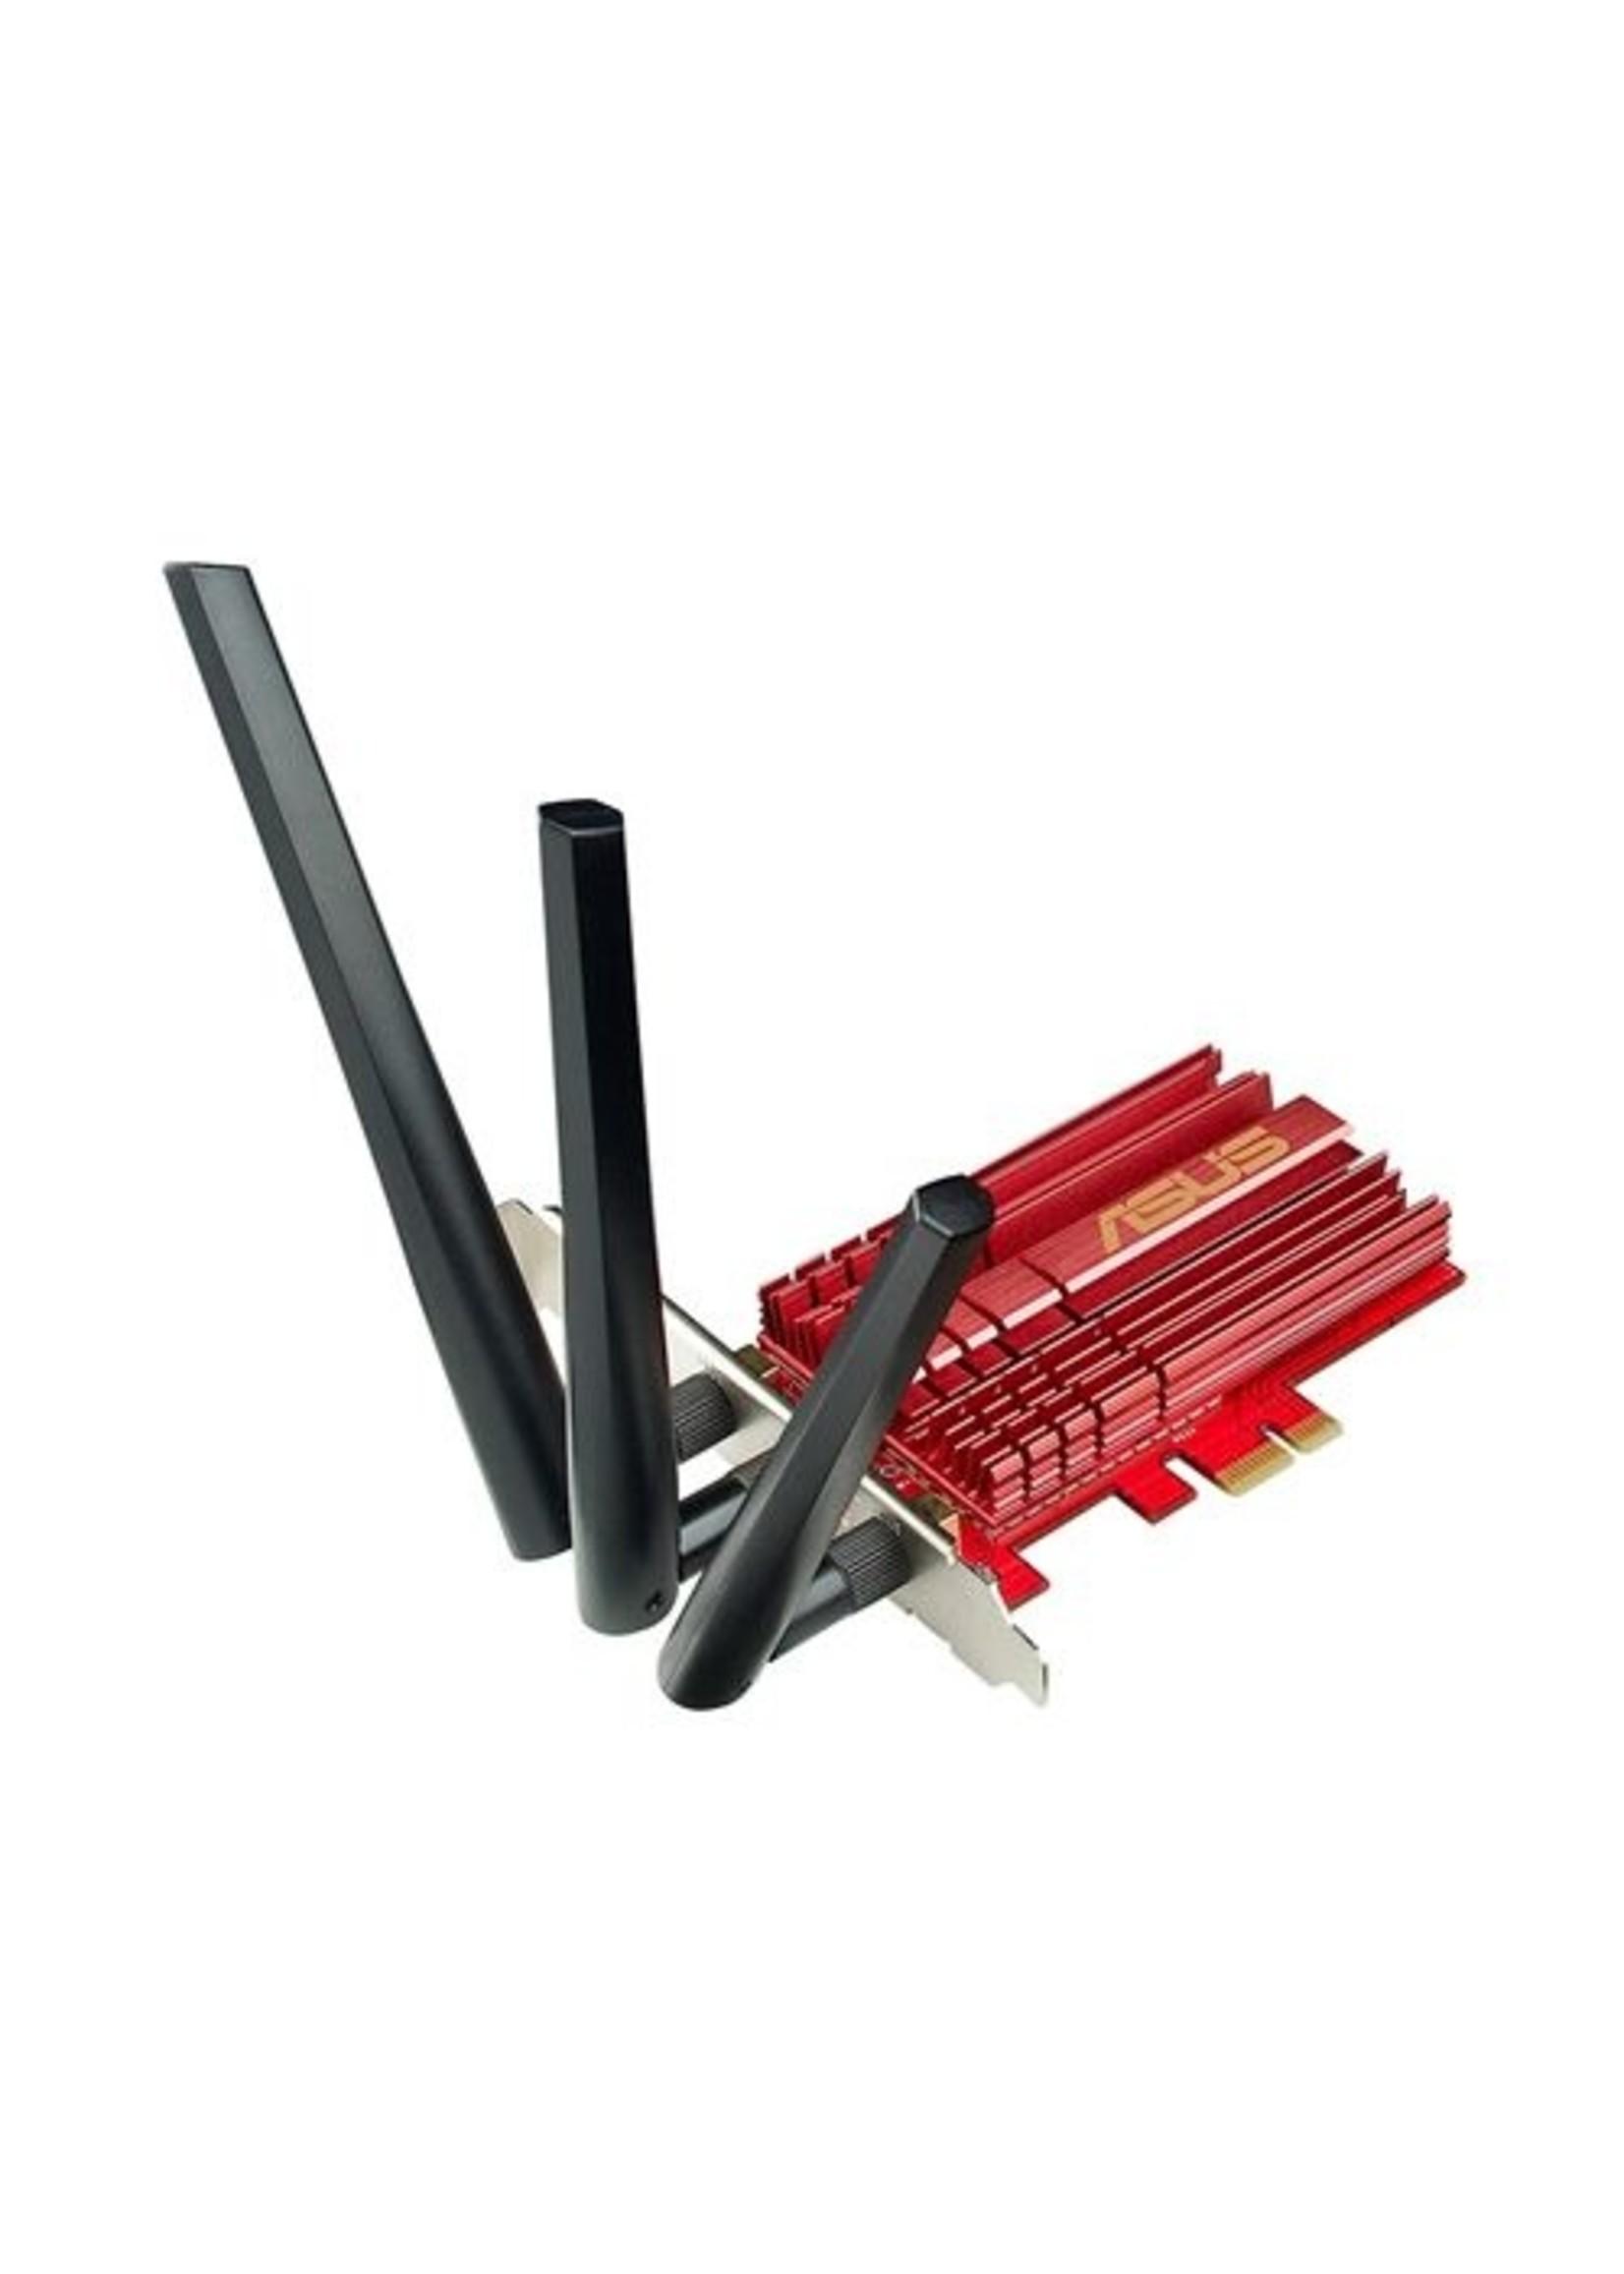 Asus ASUS PCE-AC68 WiFi steekkaart